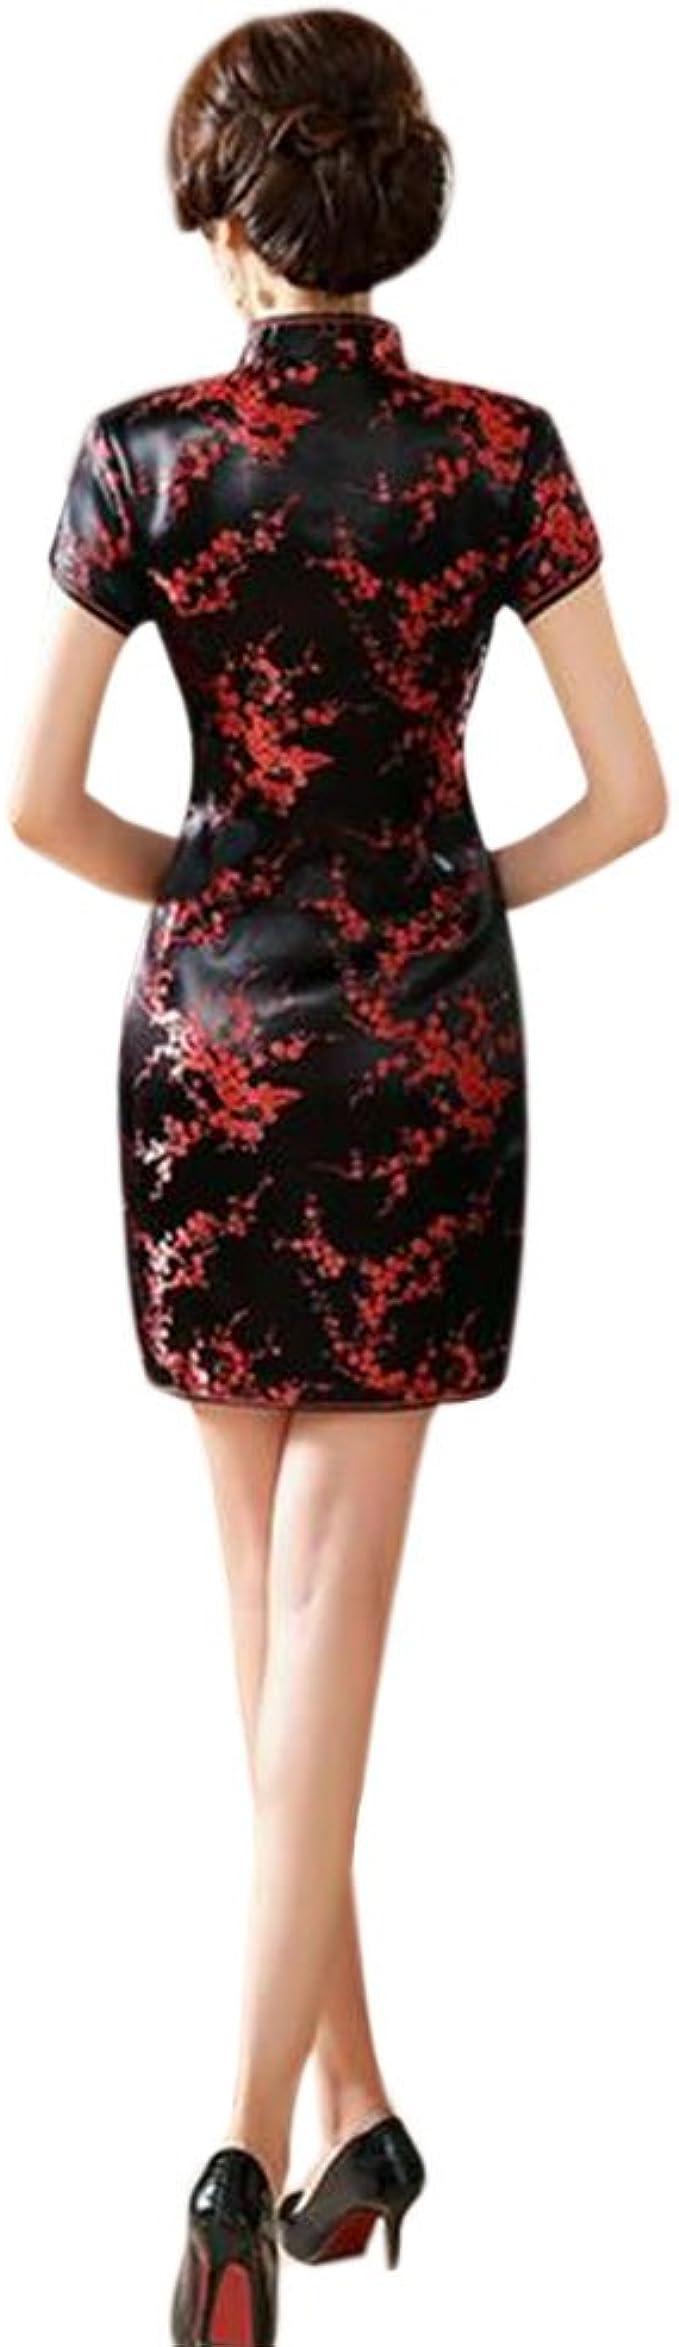 Hzjundasi Chino Tradicional Mujer Retro Floral Impreso Mangas Cortas Cheongsam Brocado Qipao Vestido de Noche M: Amazon.es: Ropa y accesorios